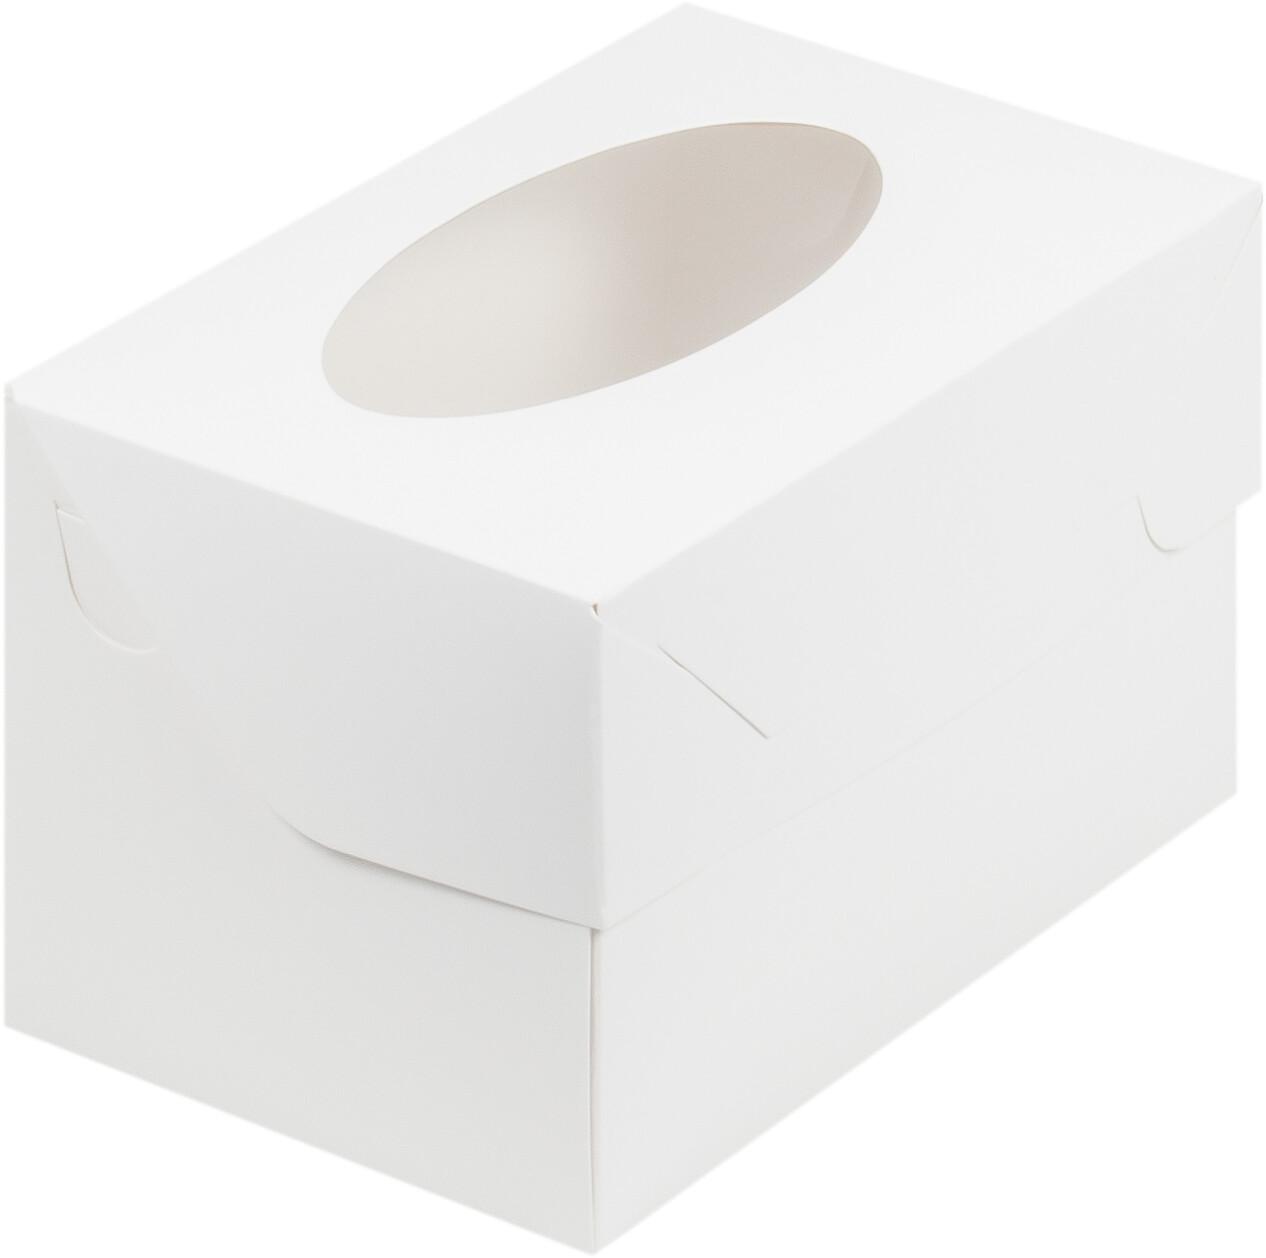 Упаковка для капкейков белая с окном на 2 шт